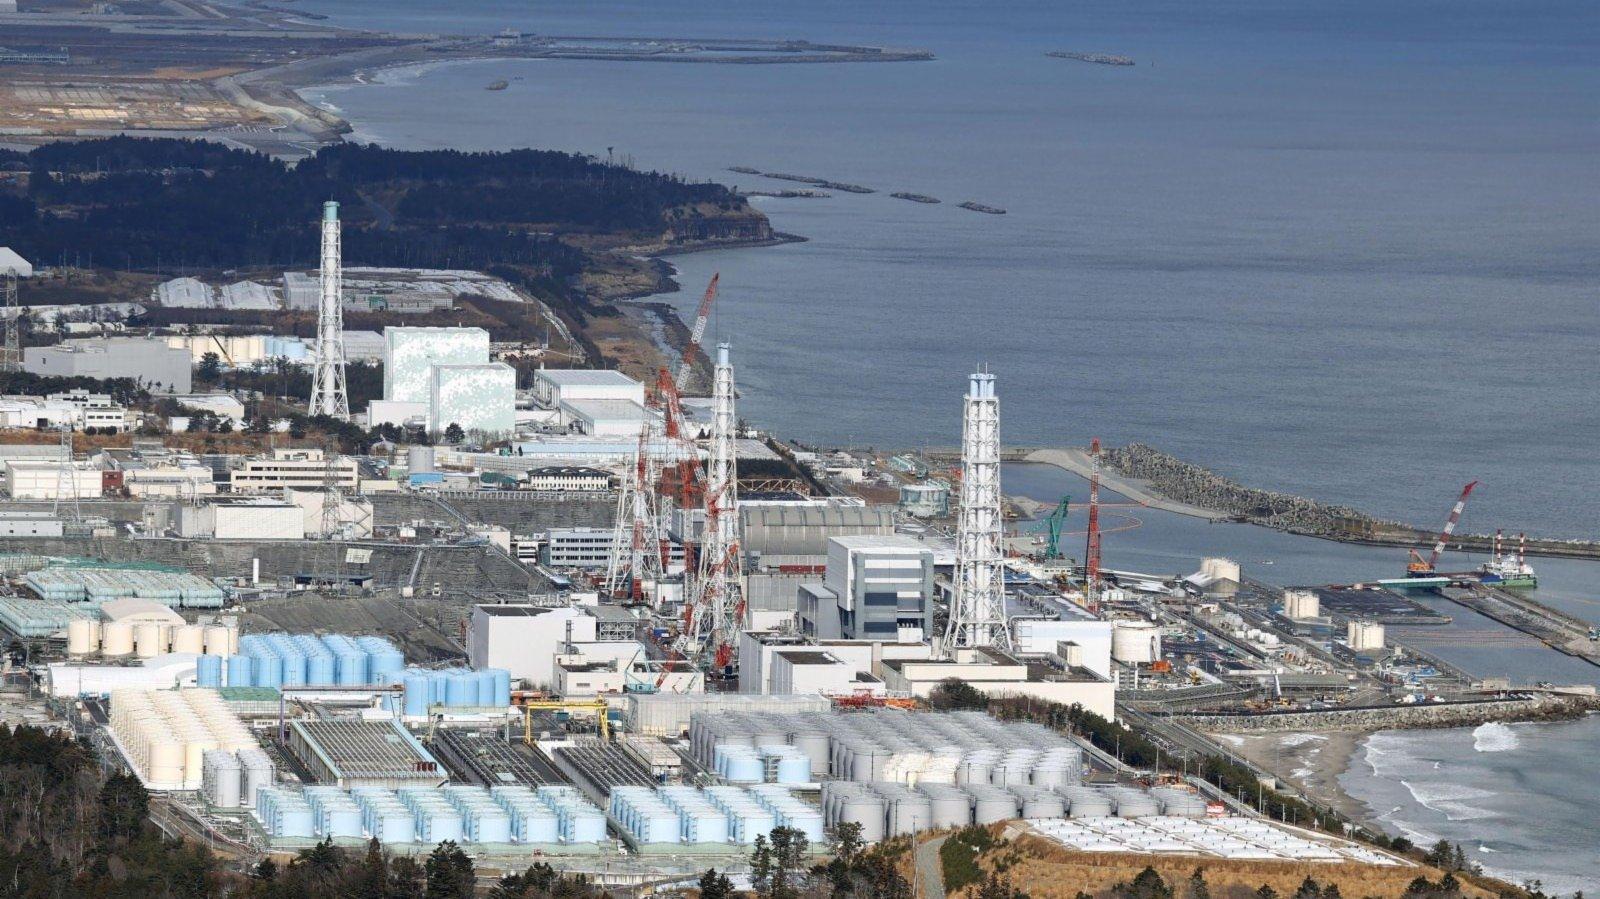 日本民眾抗議福島核污水排入大海